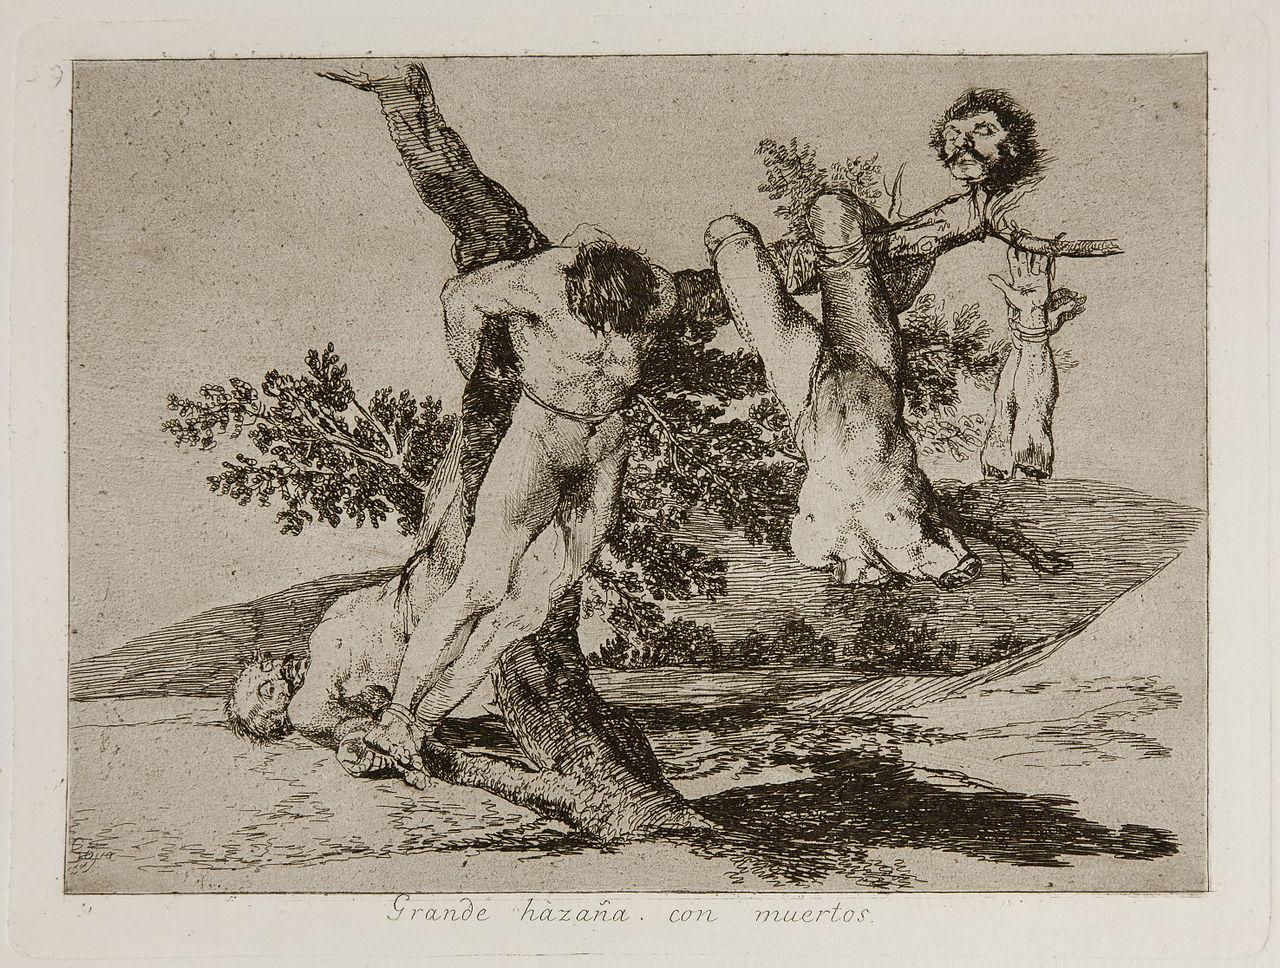 Quand la guerre survient, Goya vit à Madrid. Il côtoie les horreurs qui s'y déroulent : exécutions, viols, pillages mais aussi l'exode et la faim. Goya va rendre compte de ce qu'est la guerre de manière très différente de ses contemporains qui, souvent, ont tendance à la magnifier. Goya lui, ne cache rien.